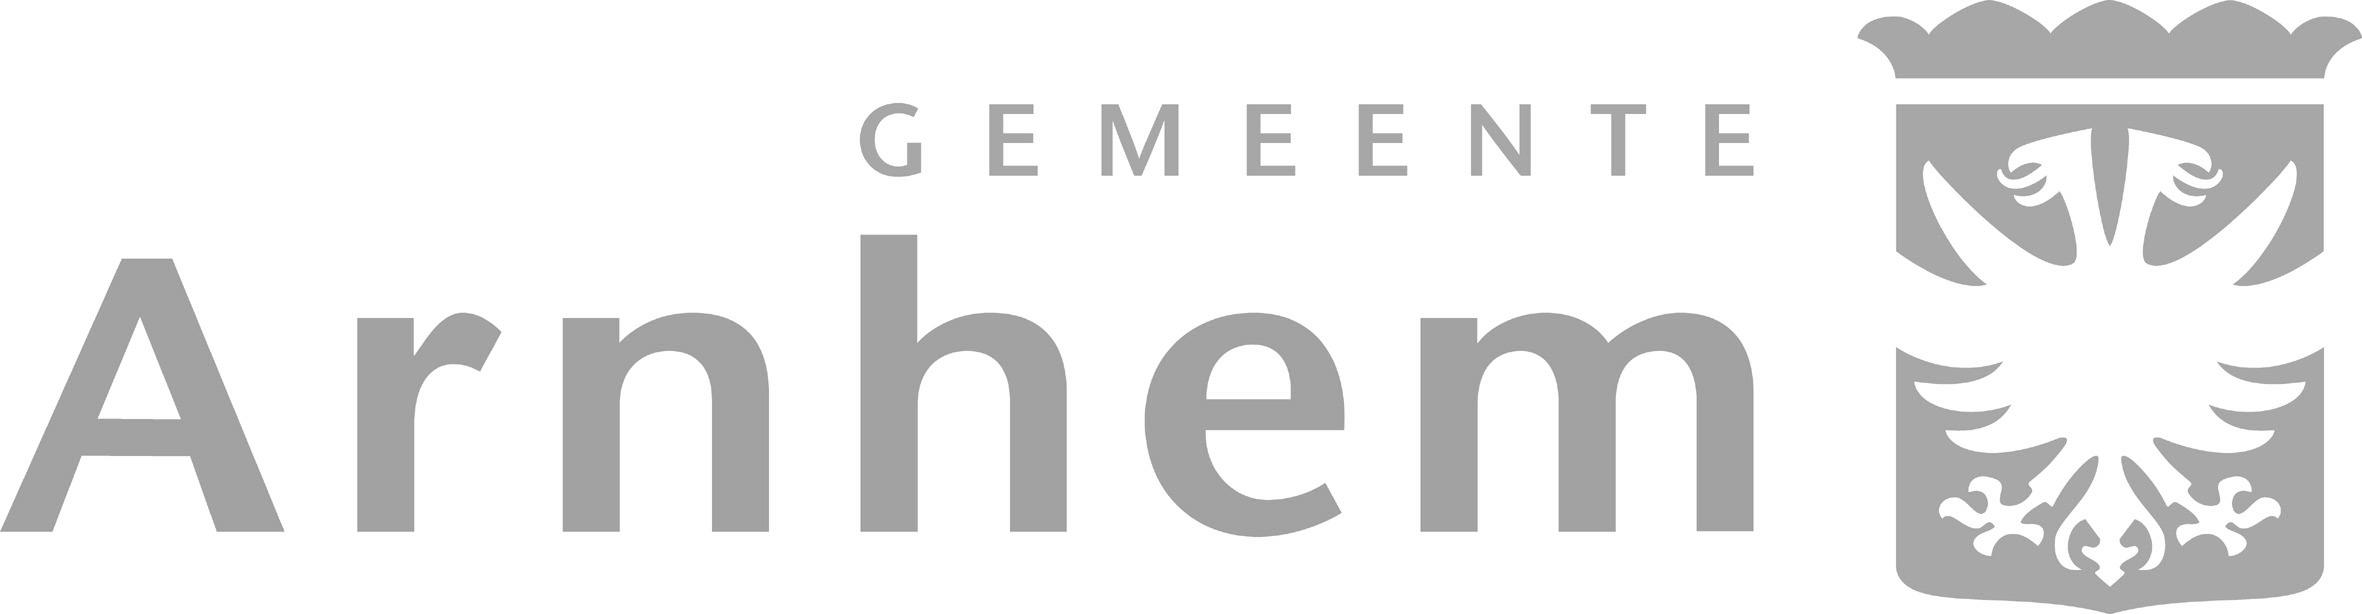 Gemeente-arnhem.png